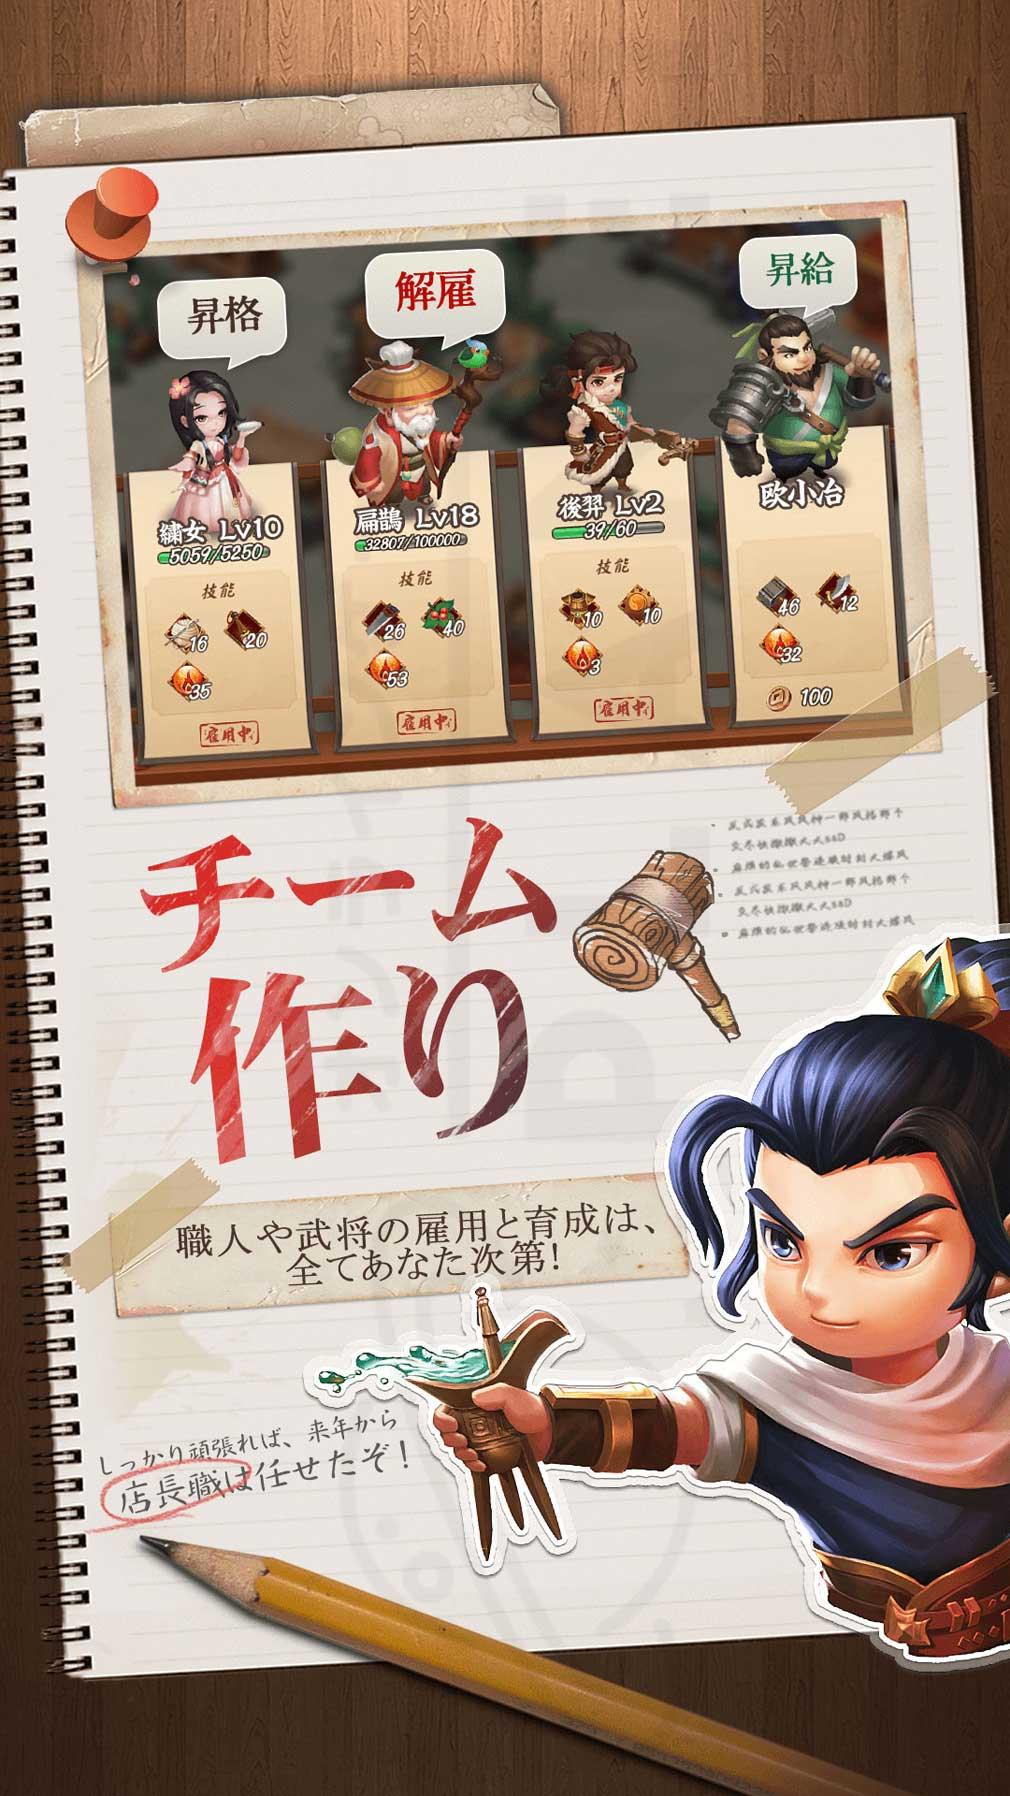 三国鍛冶物語 最高の商会を目指せ 武将や職人の雇用紹介イメージ